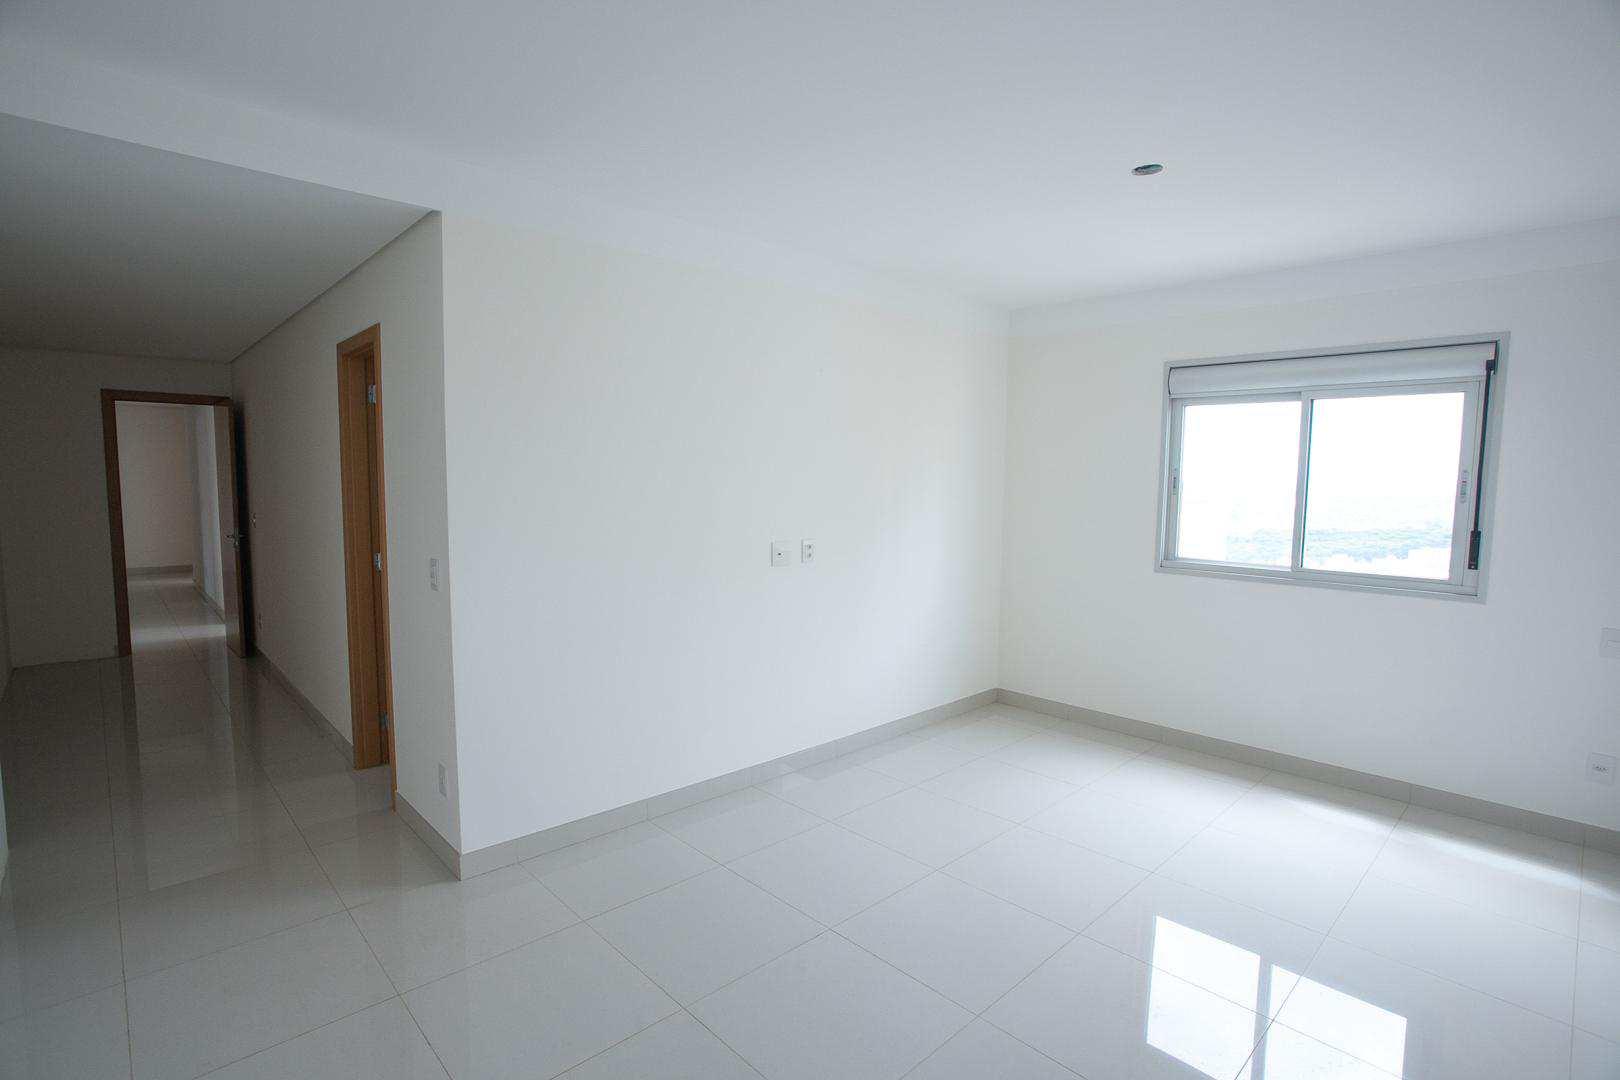 Apartamento com 4 dorms, Jardim Botânico, Ribeirão Preto - R$ 1.65 mi, Cod: 1722025